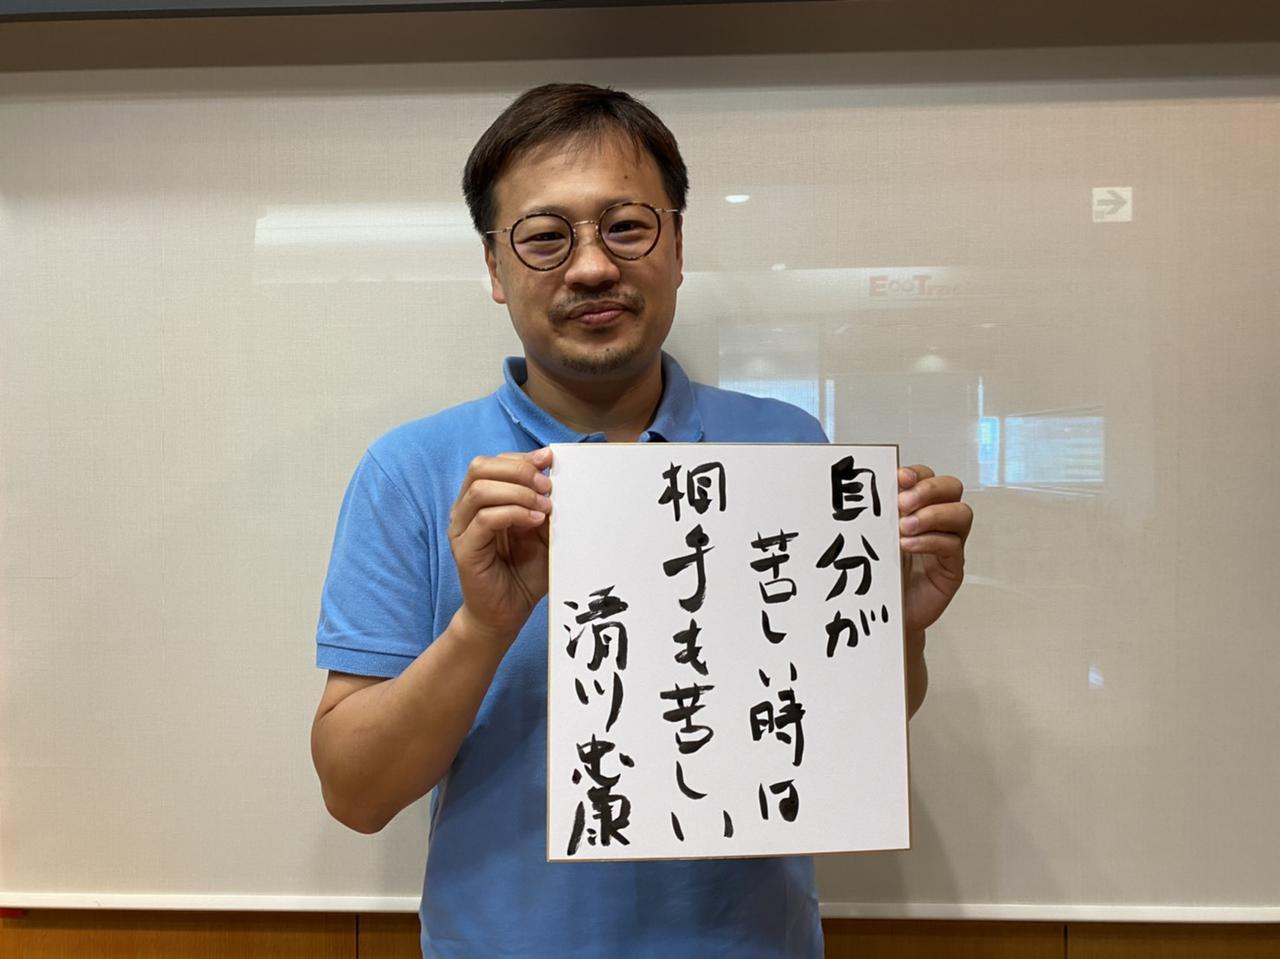 画像: 6/20(日) Game Changer #29 Oh My Glasses 清川社長の直筆色紙をプレゼント! - FM大阪 85.1